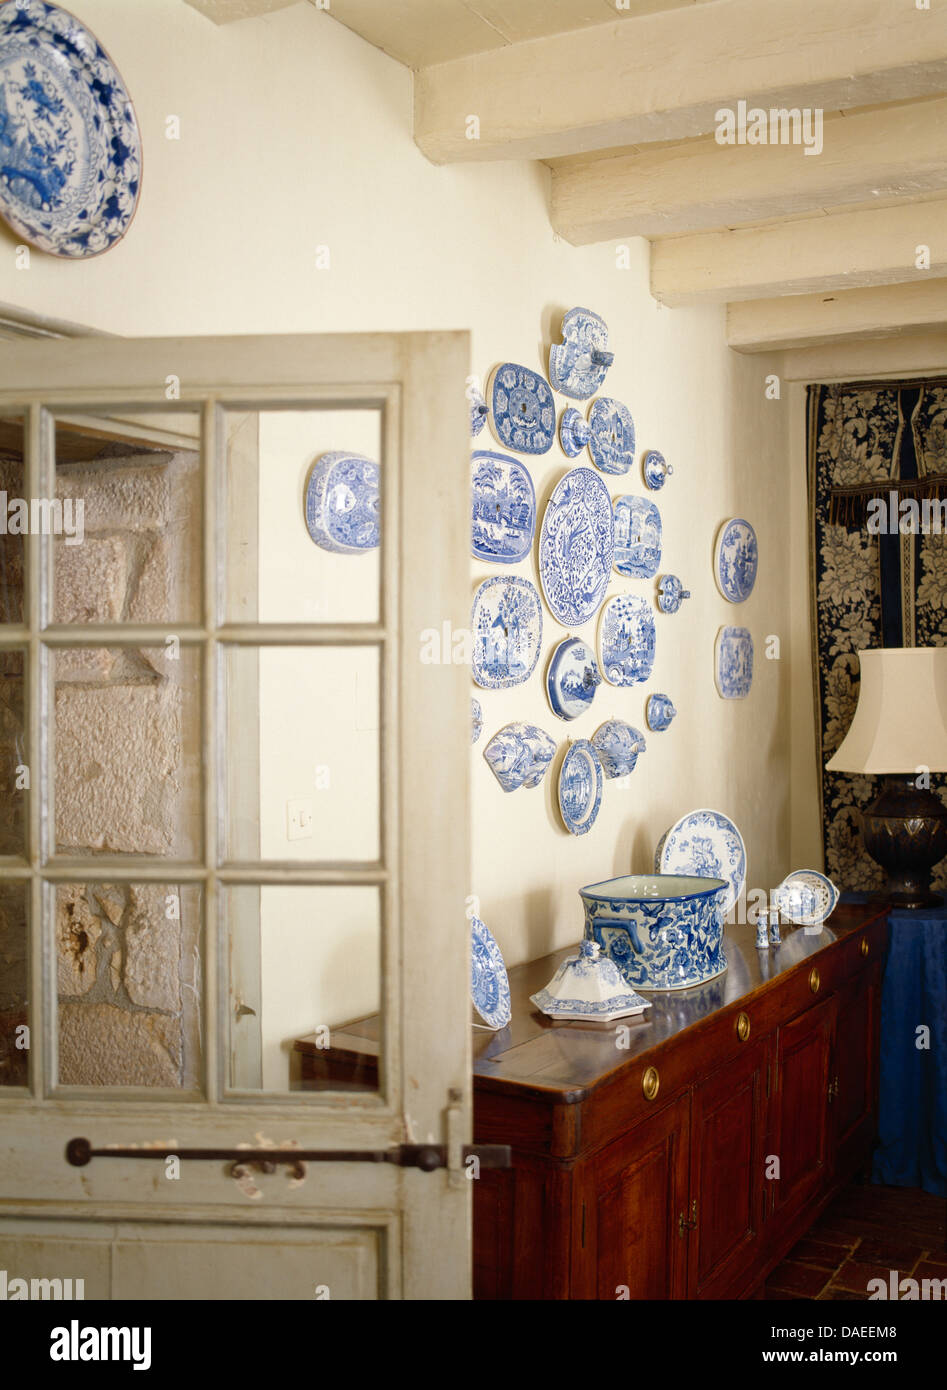 Half Glazed Door Beside Sideboard Below Collection Of Blue And